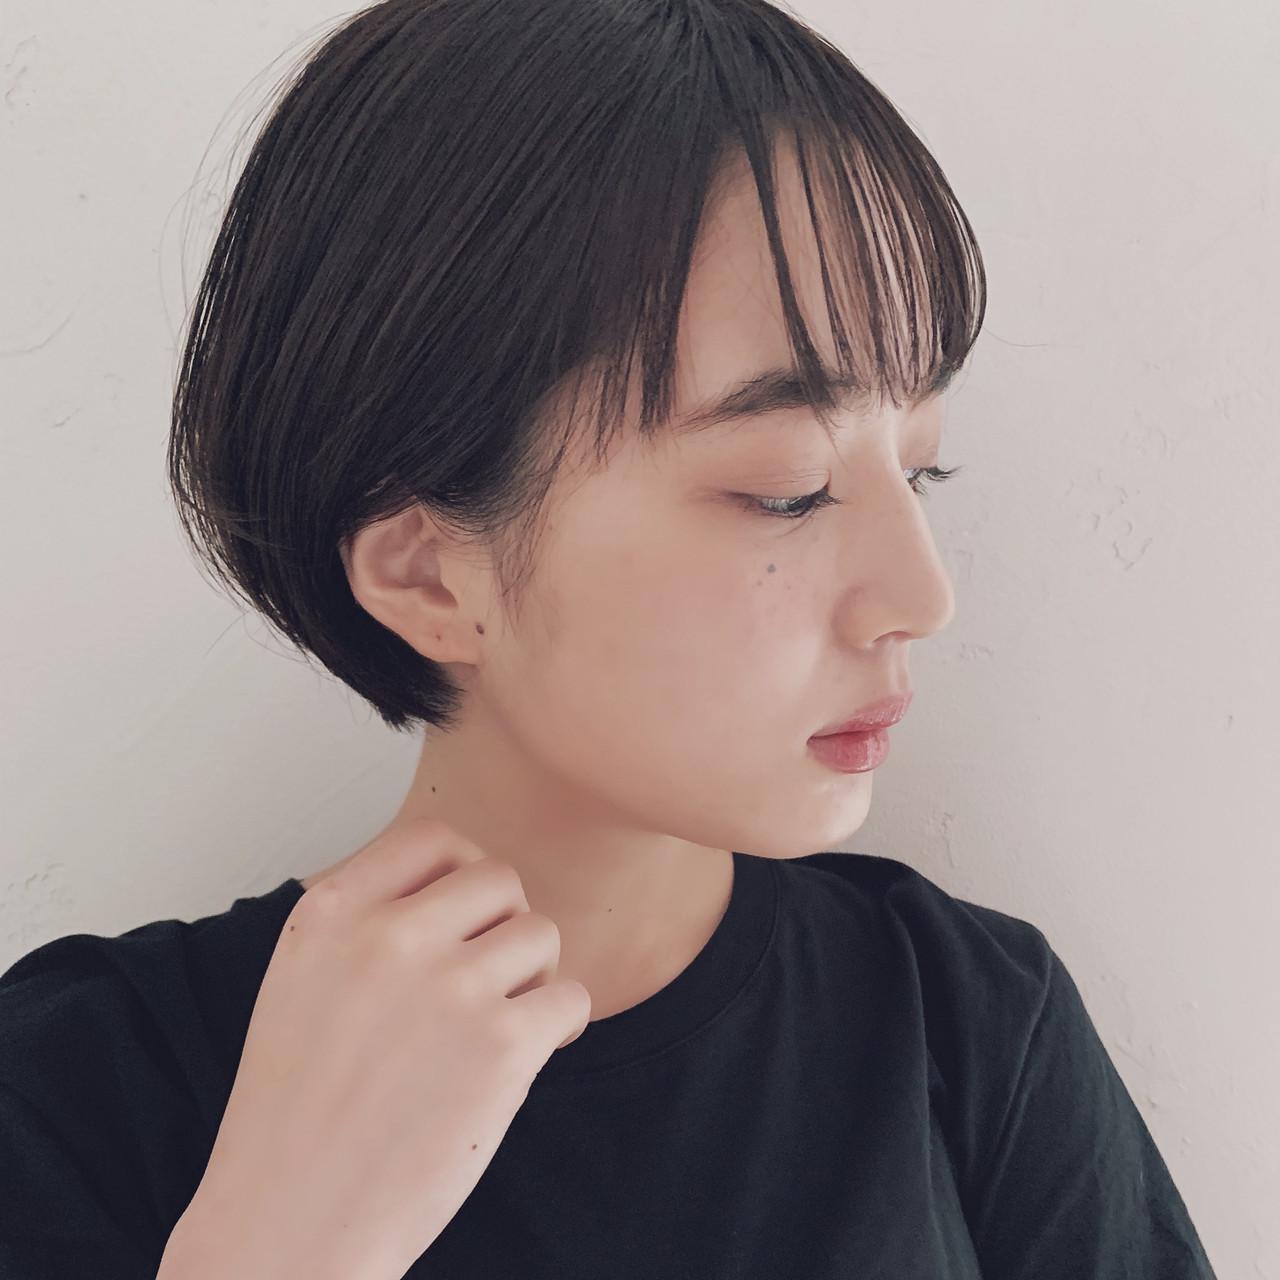 ショートボブ 黒髪 ショート デート ヘアスタイルや髪型の写真・画像 | 信澤貴一【愛され大人可愛いヘア美容師】 / un ami kichijoji